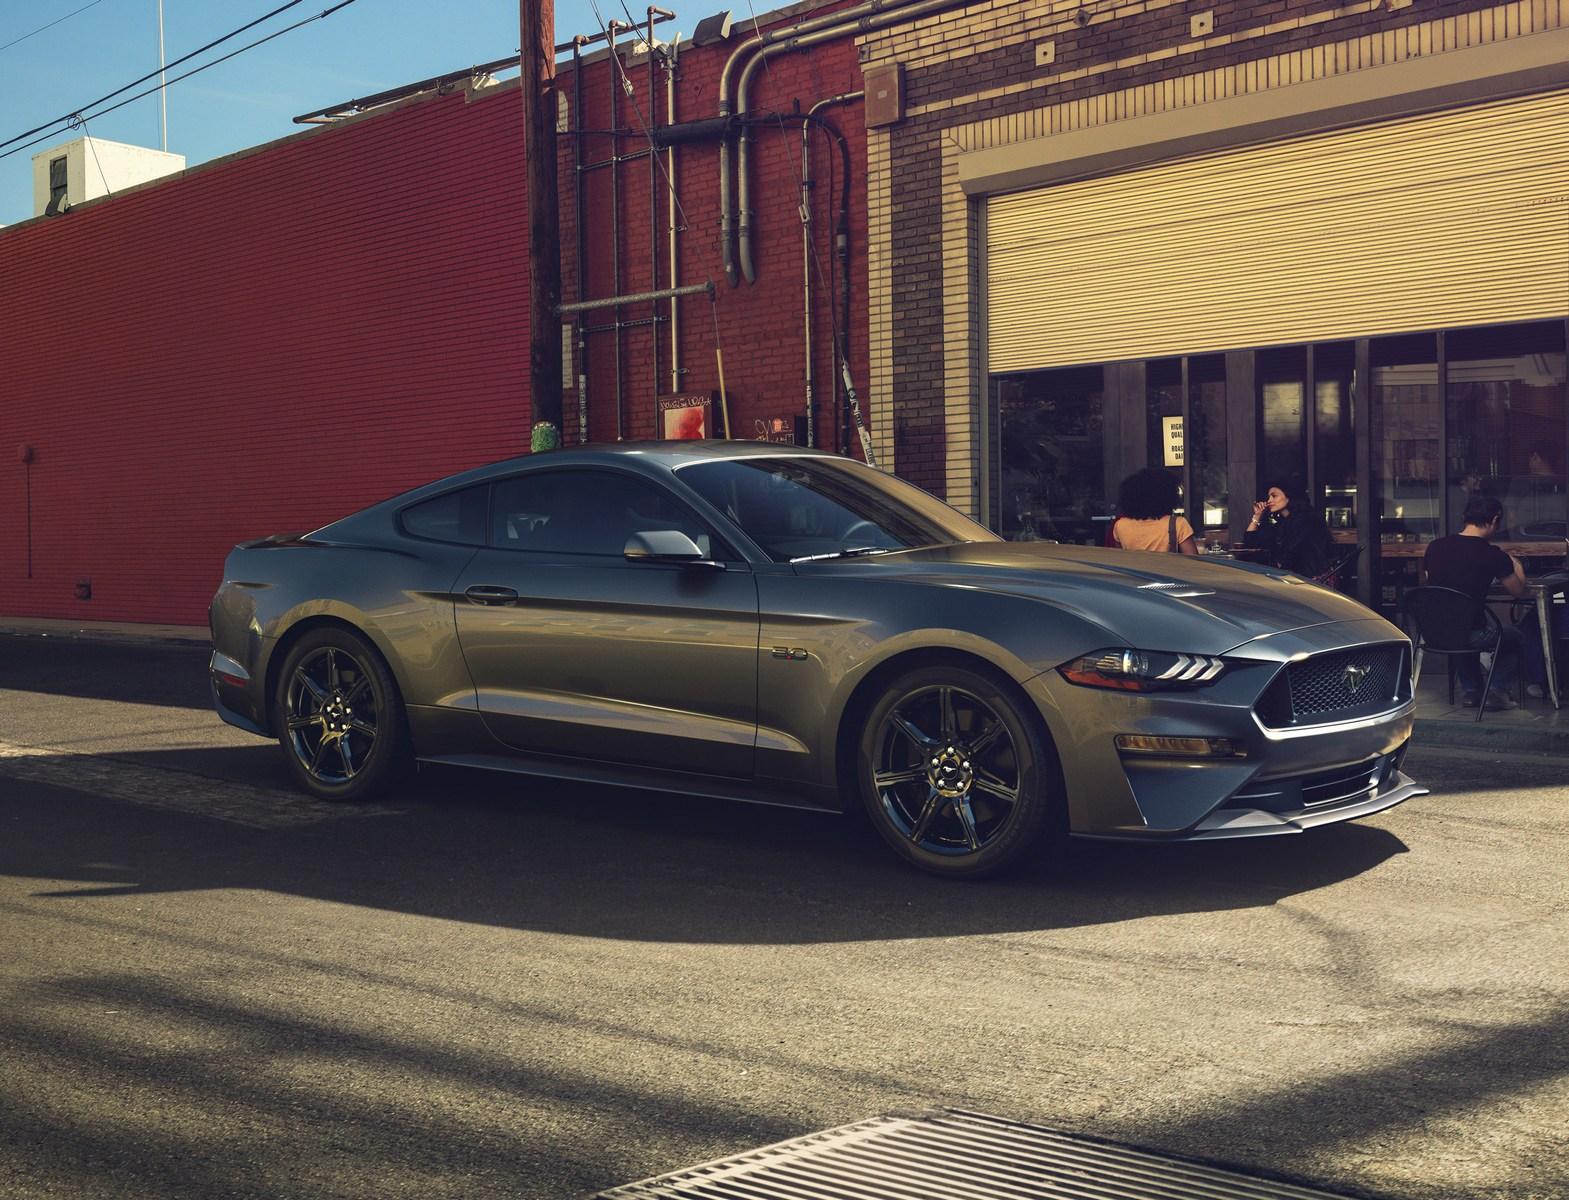 Ford mustang 2018 akan semakin efisien berkat perubahan styling